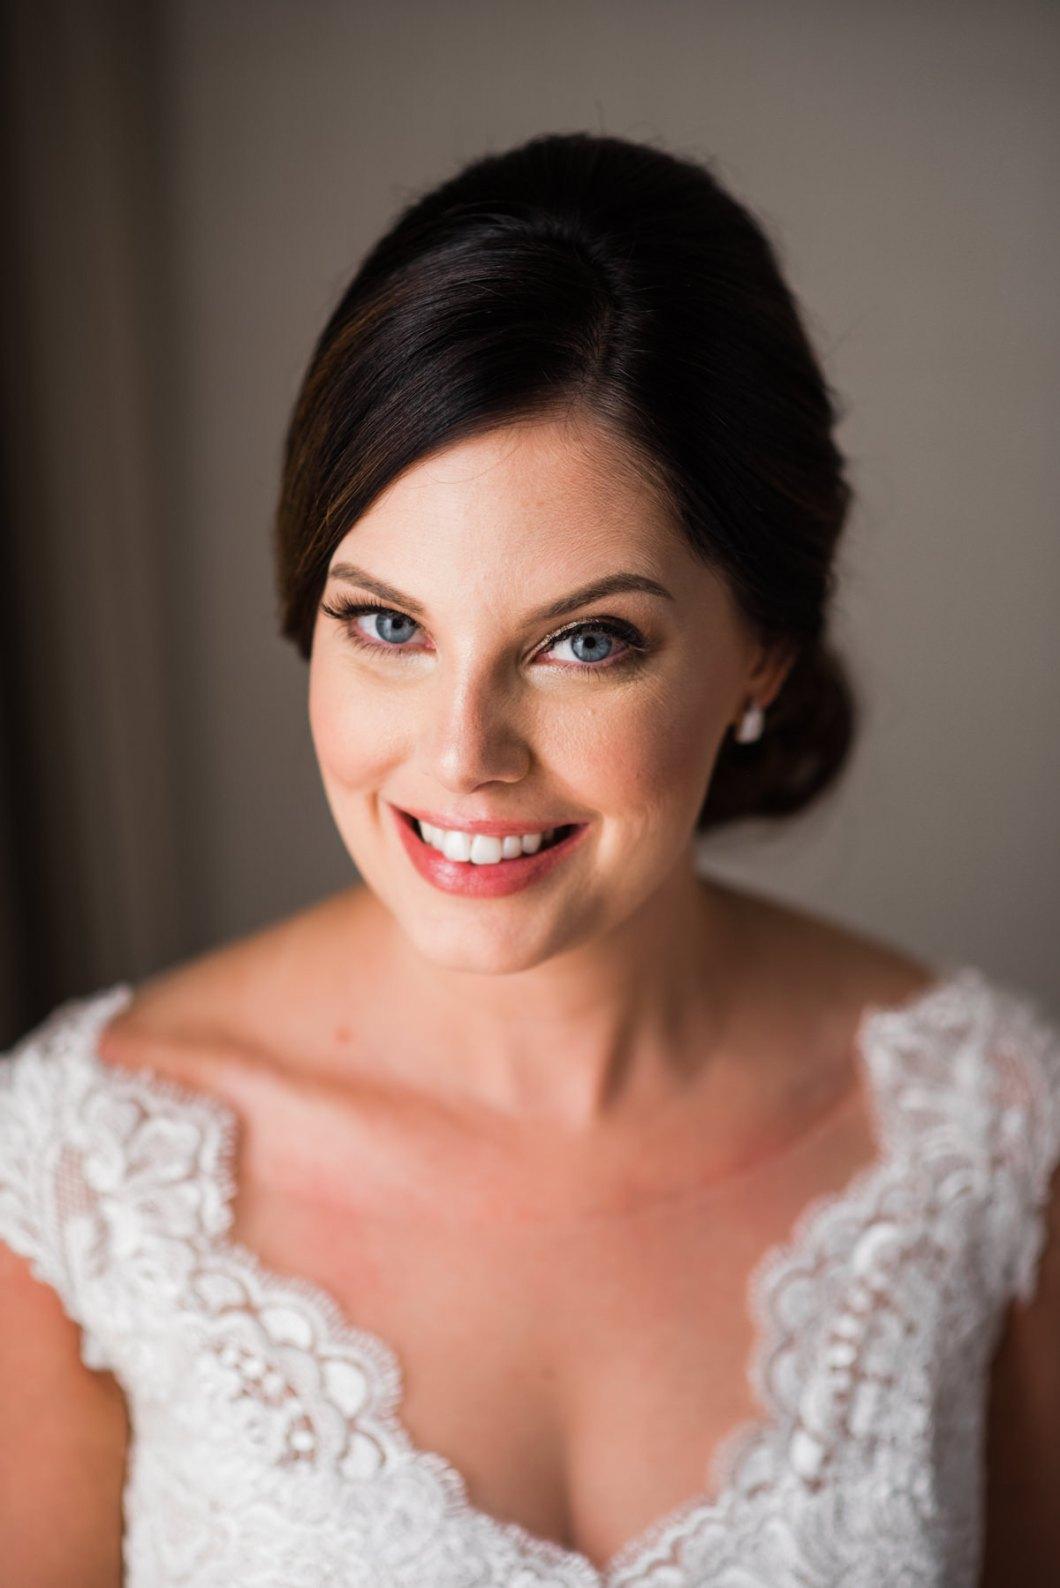 bridal wedding portrait vancouver